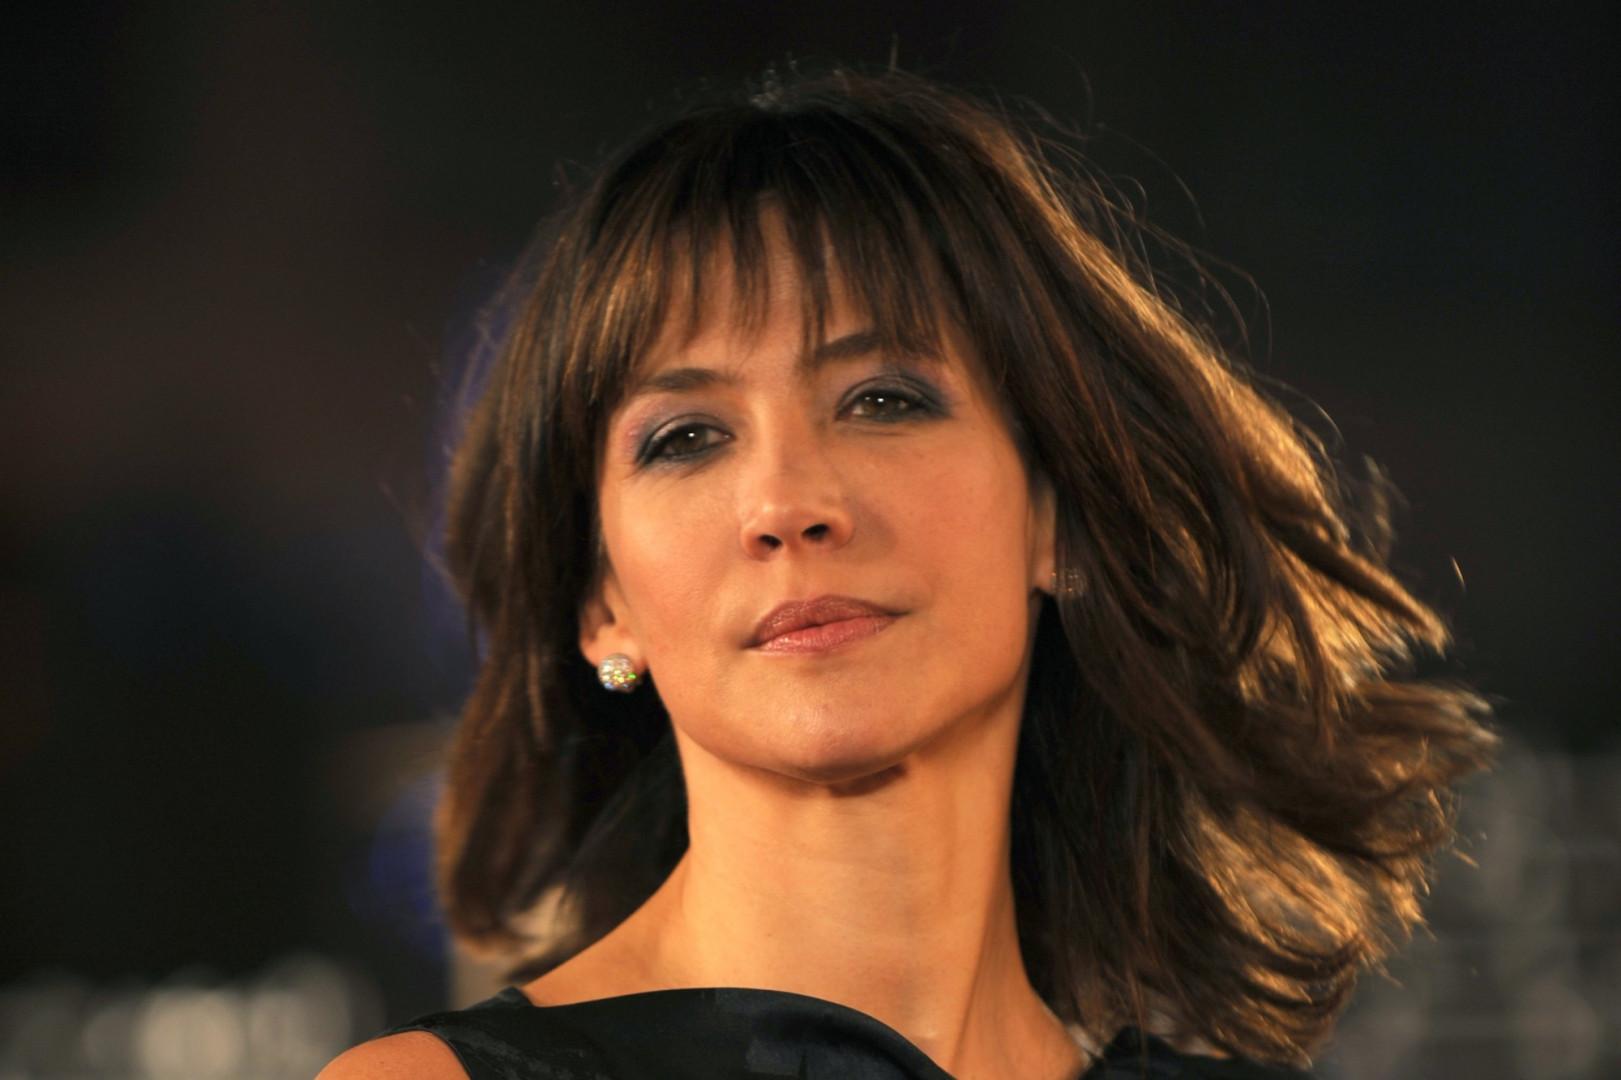 Sophie Marceau est en tête du classement féminin des personnalités préférées des Français en 2020